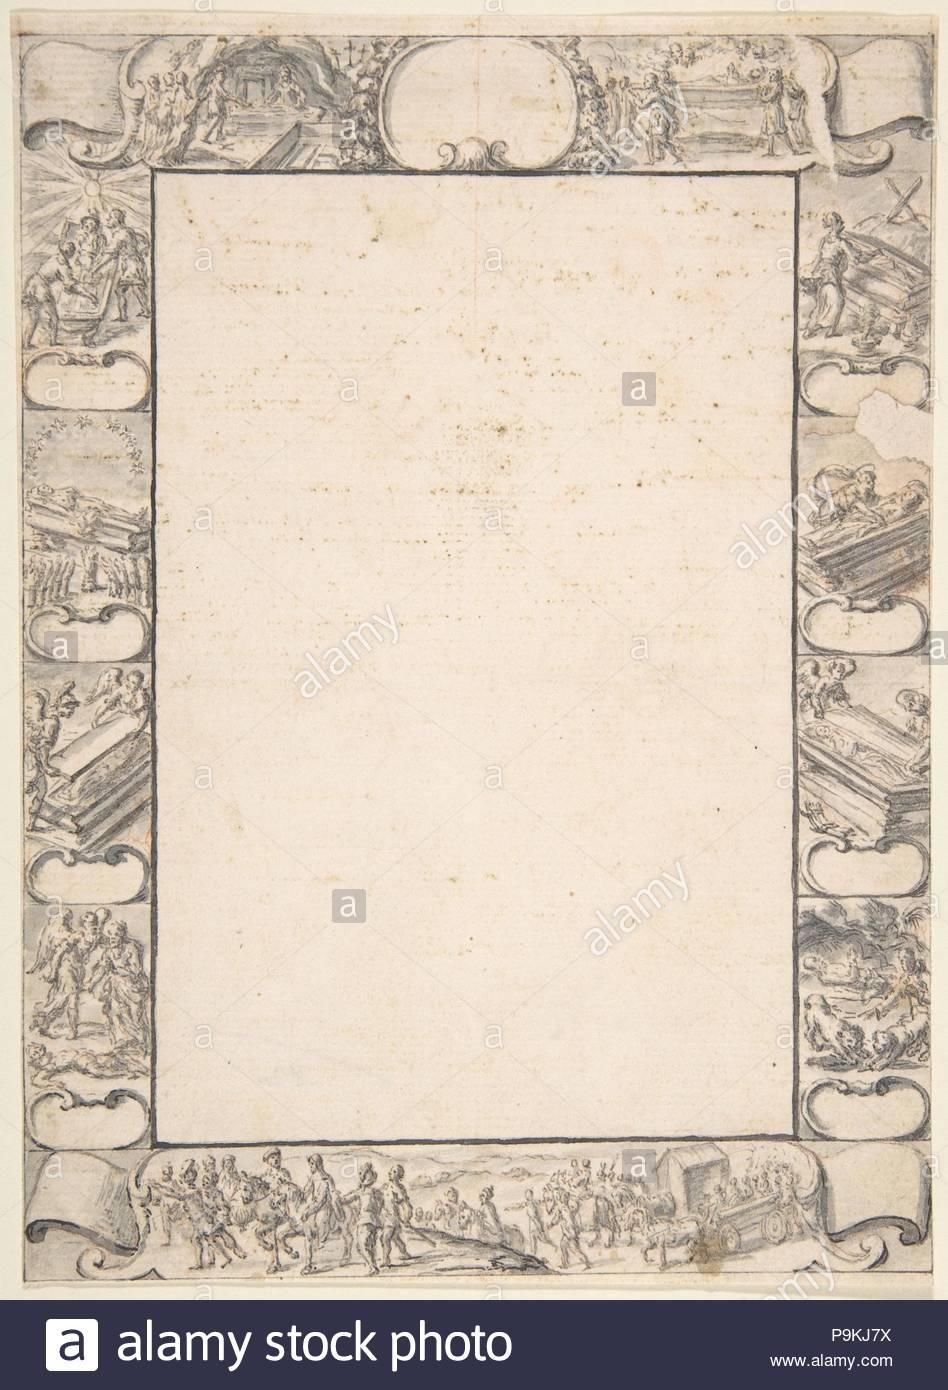 Design für die Grenze mit religiösen Szenen, 17. Jahrhundert, Pen und Braun, Pinsel und Grau waschen, Blatt: 7 13/16 x 5 11/16 in. (19,8 x 14,4 cm), Zeichnungen, Anonyme, Italienisch, 17. Stockbild